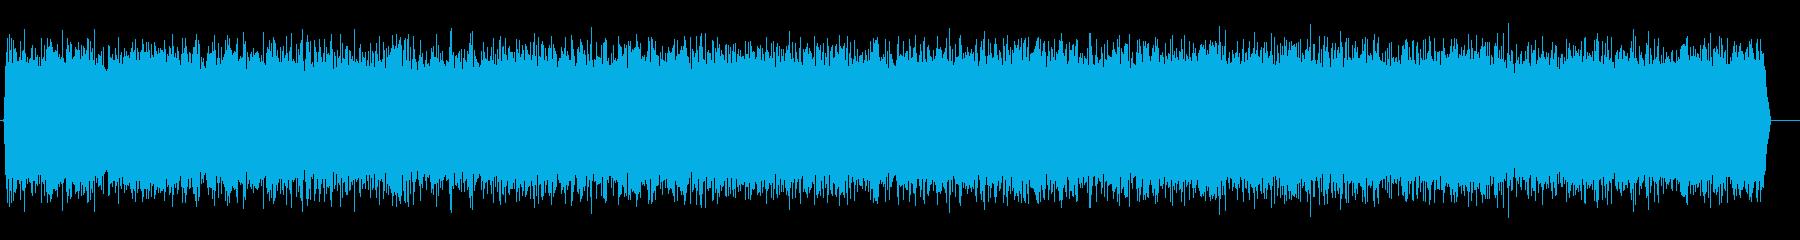 ビューン↑(ジェットエンジンの効果音)の再生済みの波形